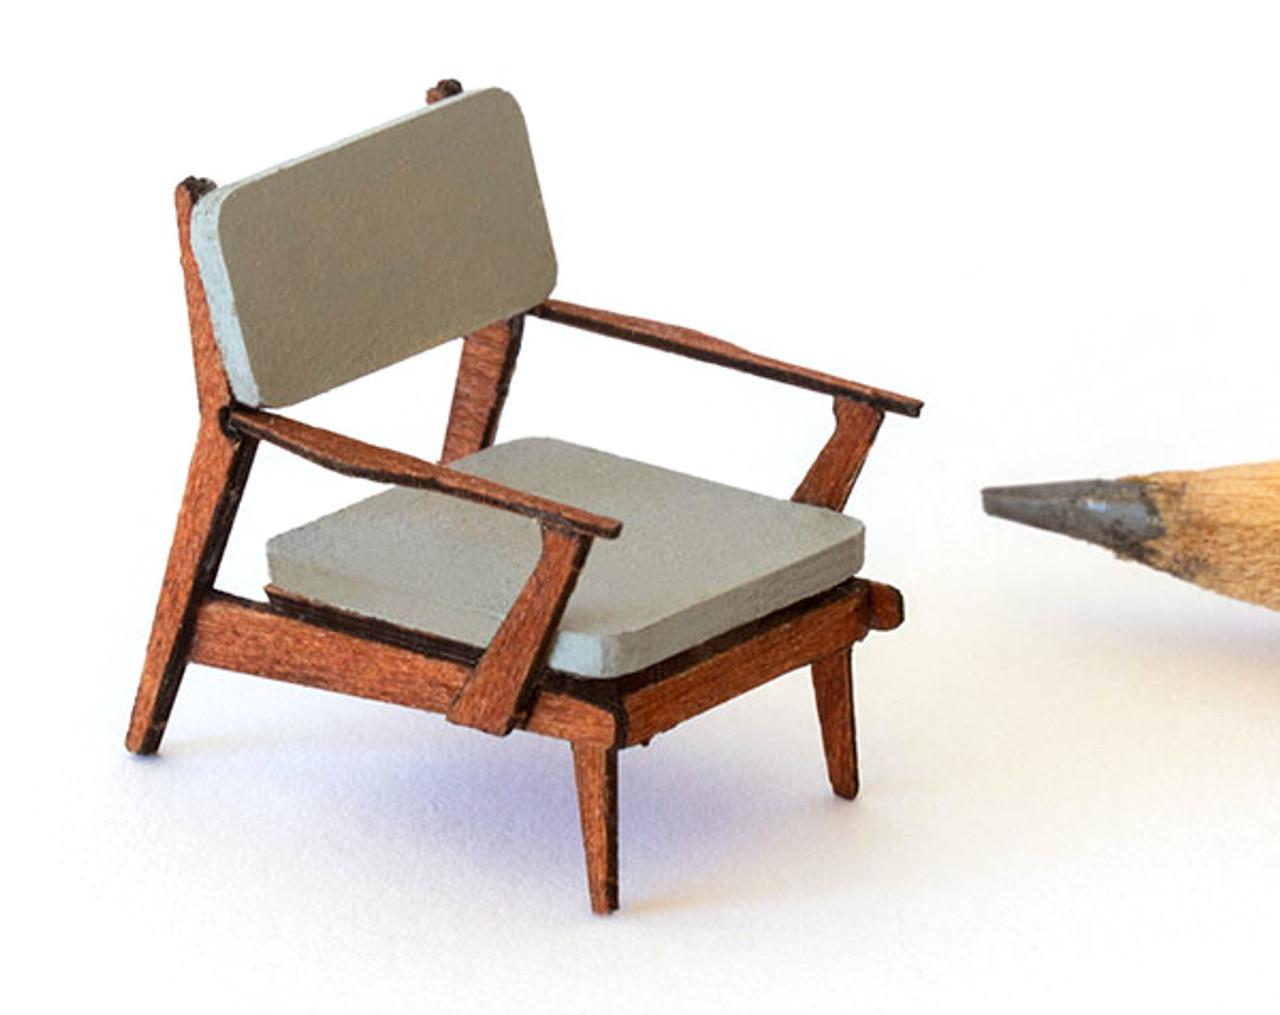 1:48 Dollhouse Miniature Sleigh Chair Kit //Quarter Inch Scale Furniture KBM Q361